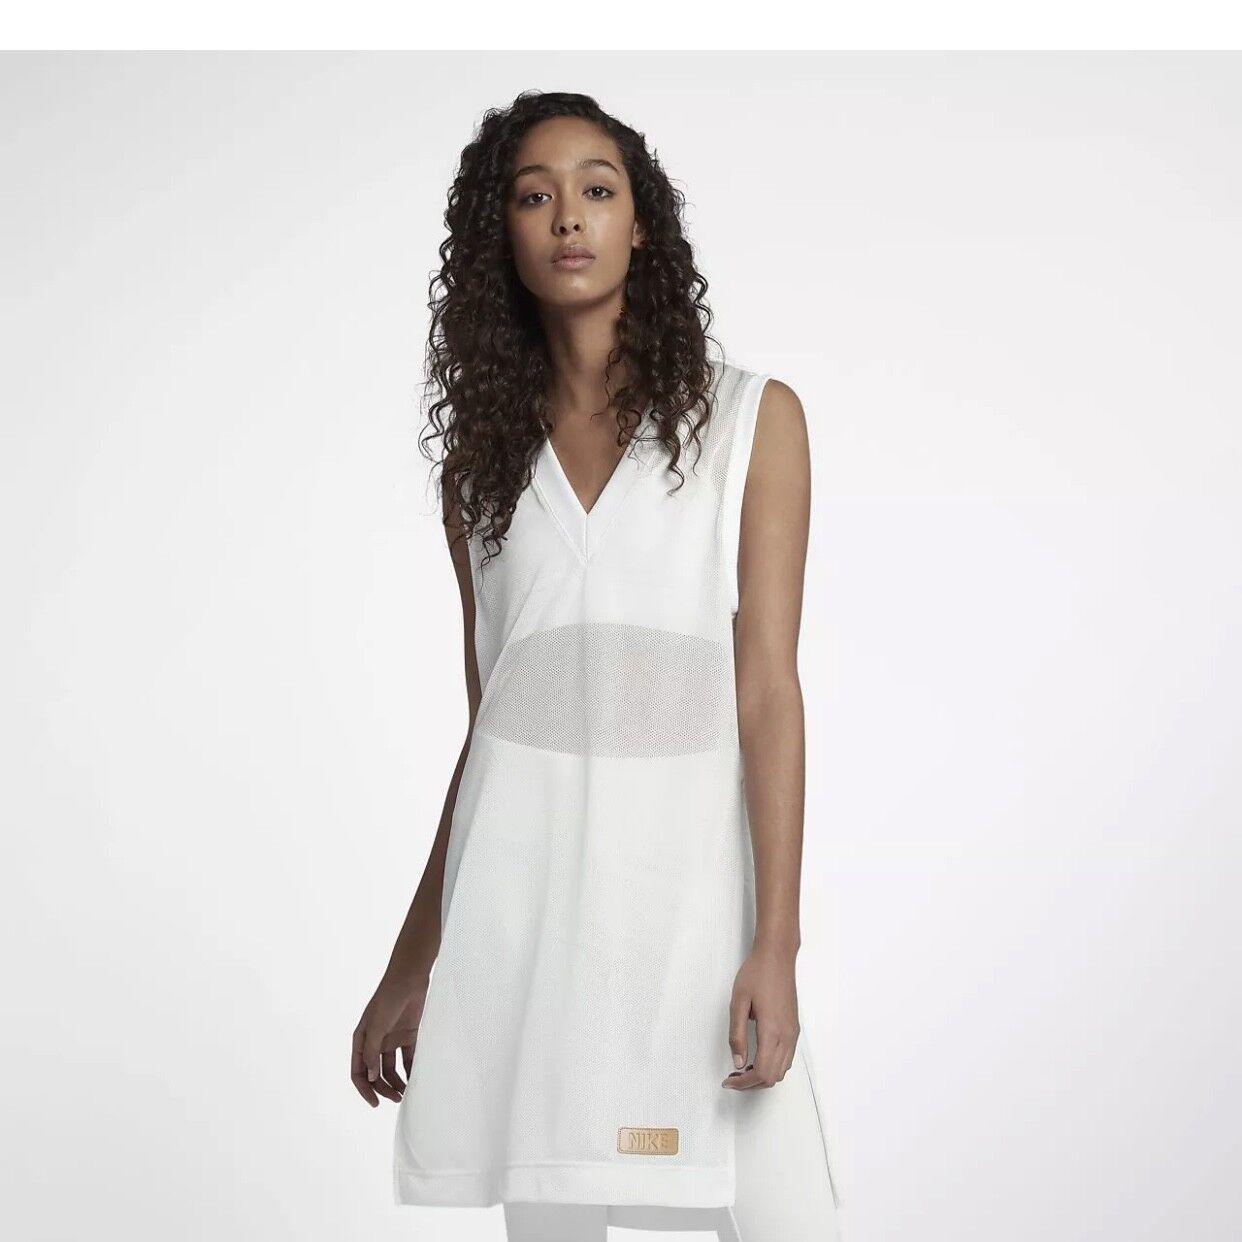 Nike Schön + Mächtig Sportkleidung Damen Kleid Netz Größe XL